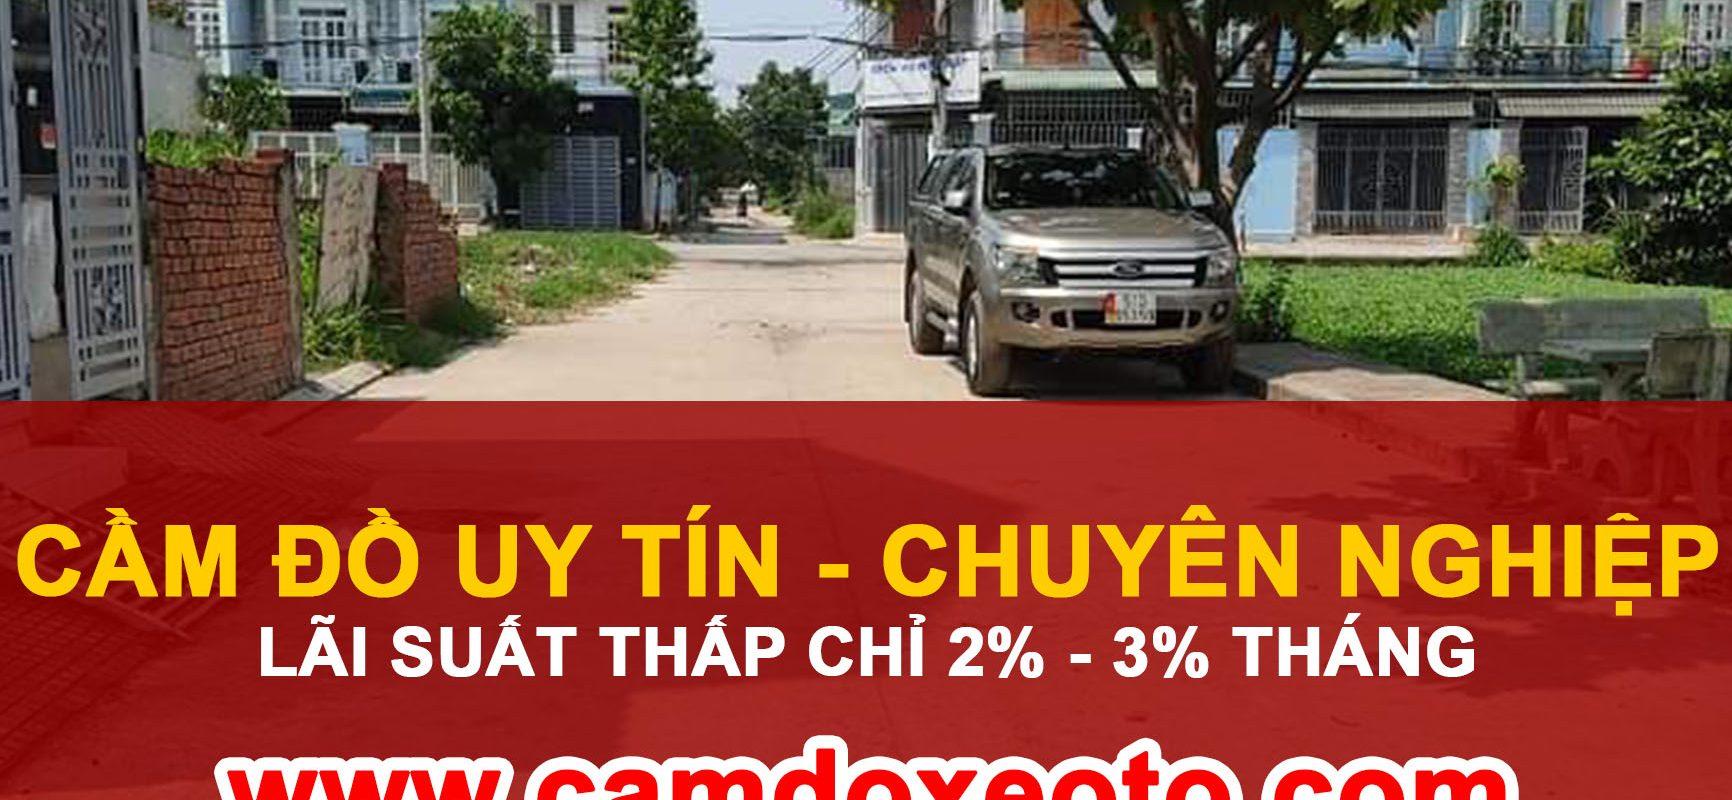 dịch vụ cầm đồ uy tín tại tphcm - camdoxeoto.com